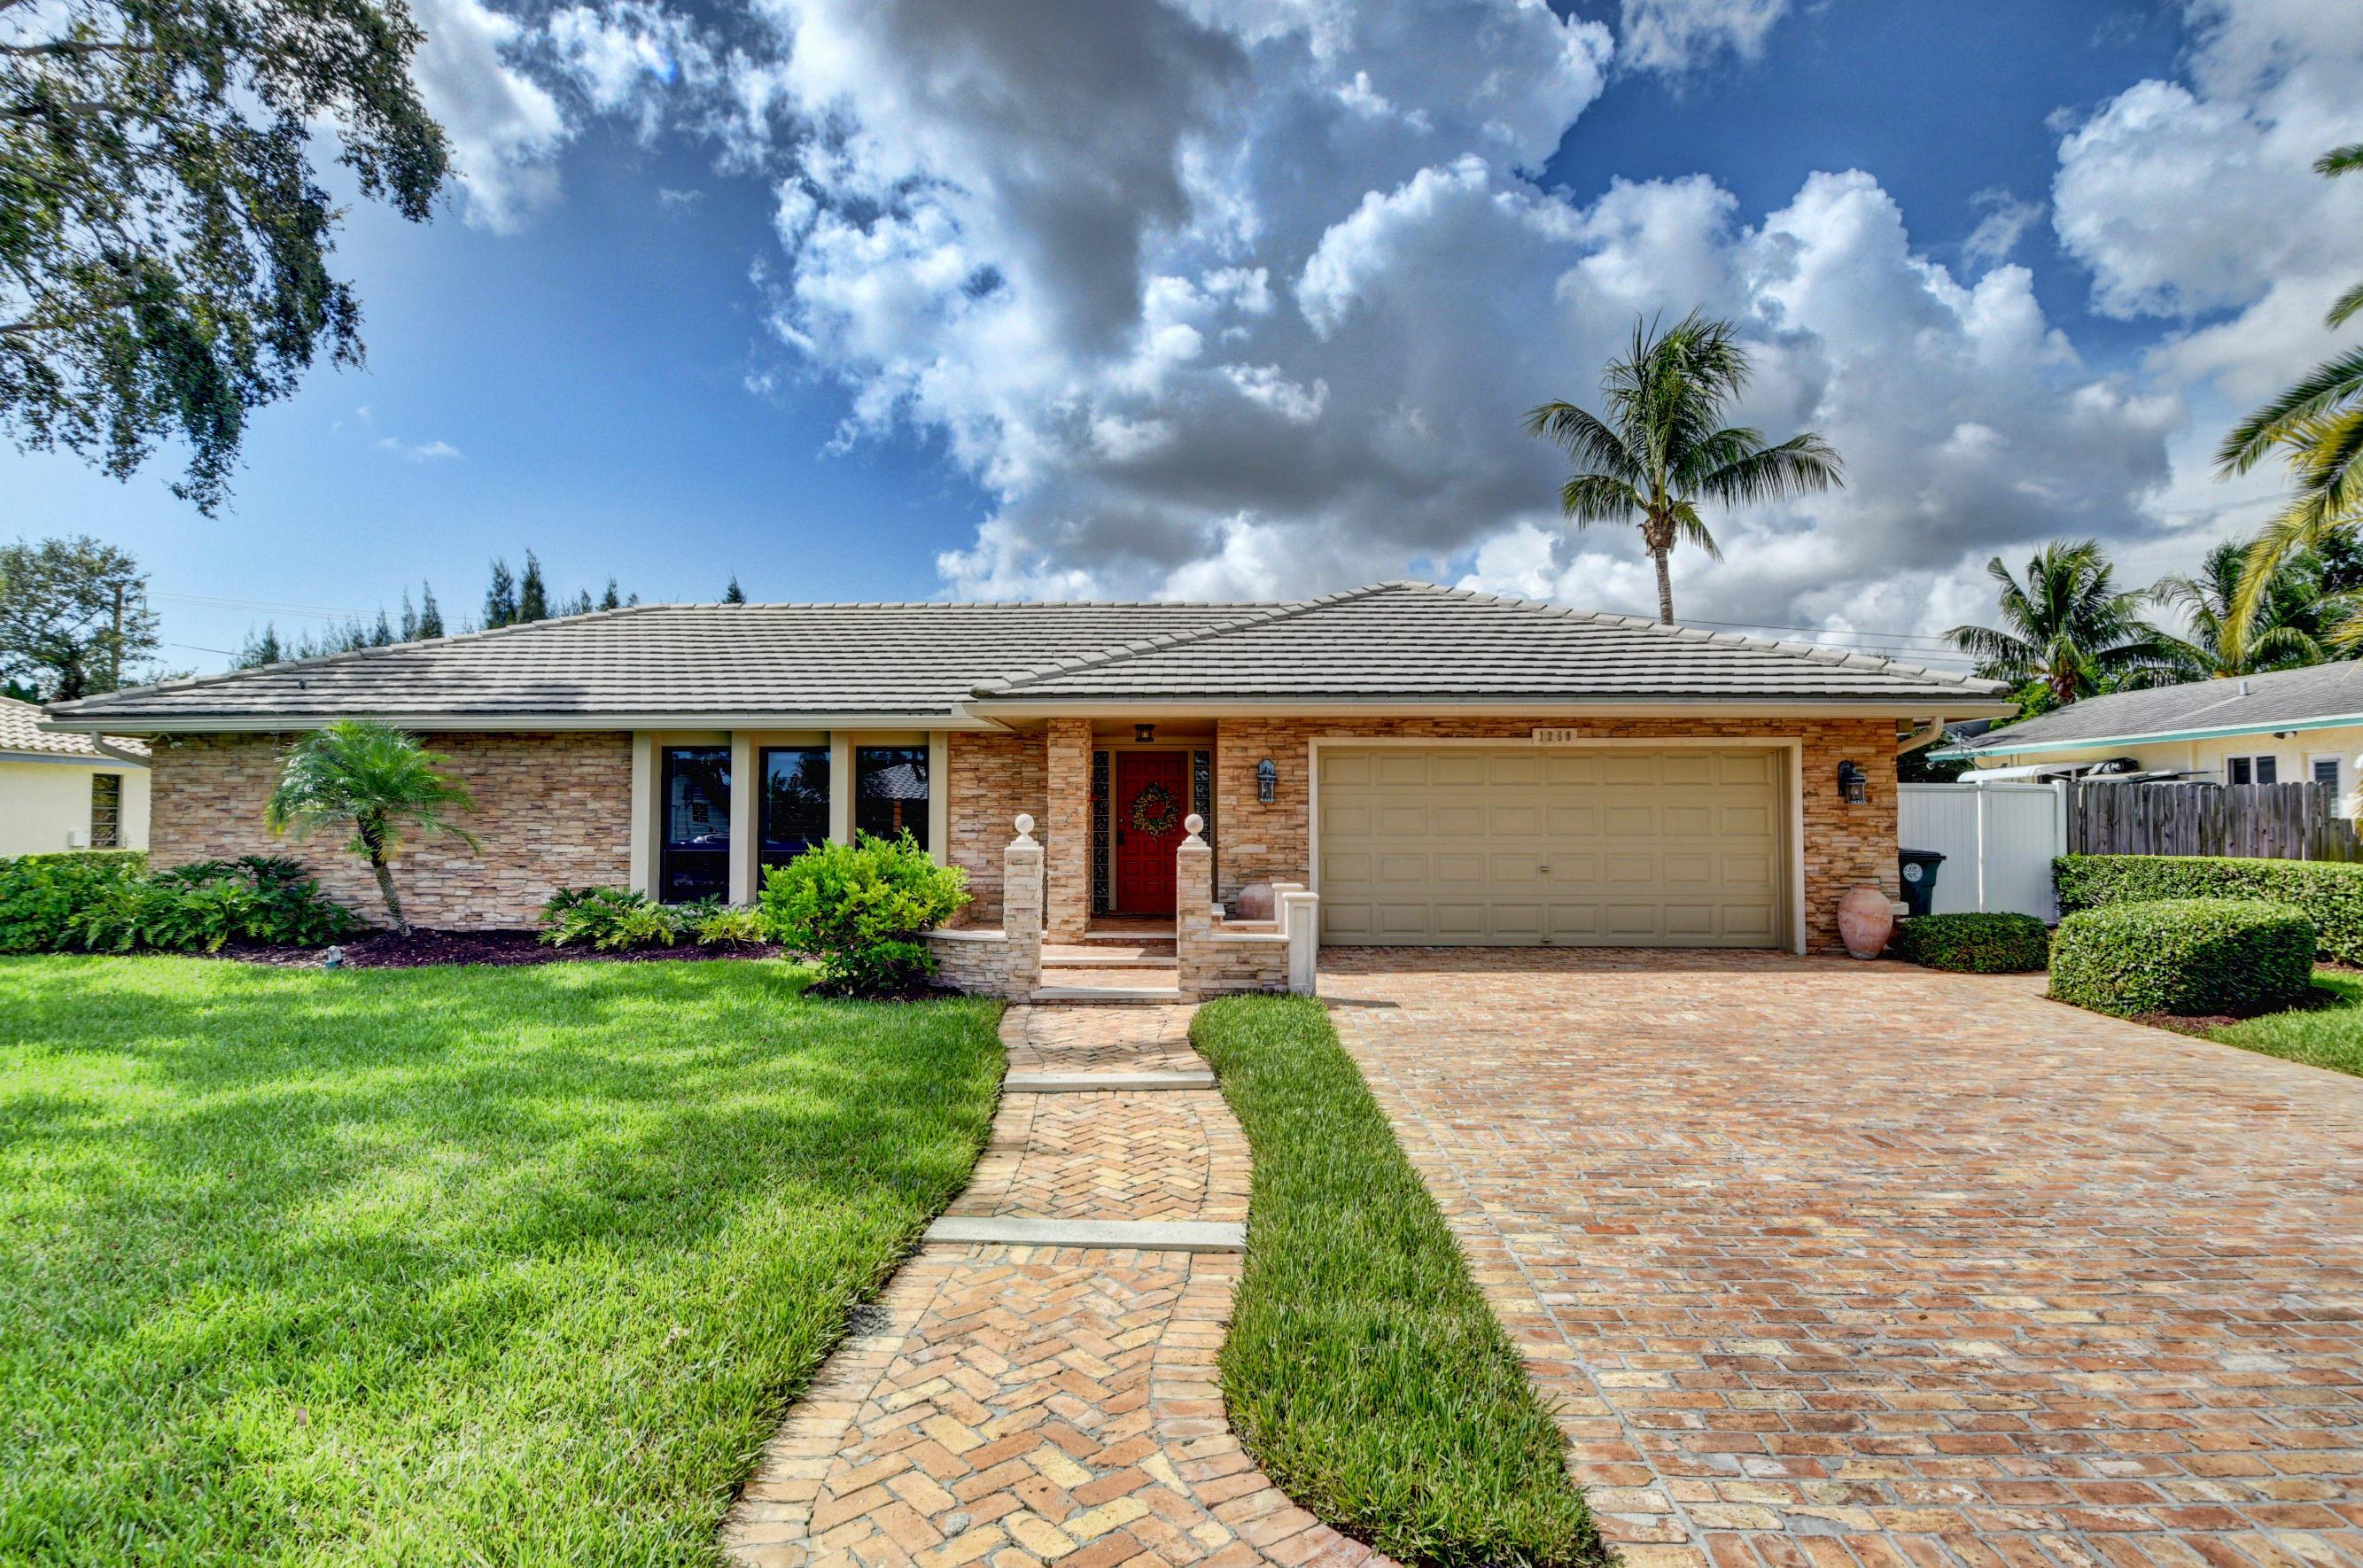 1260 Sw 15th Street Boca Raton, FL 33486